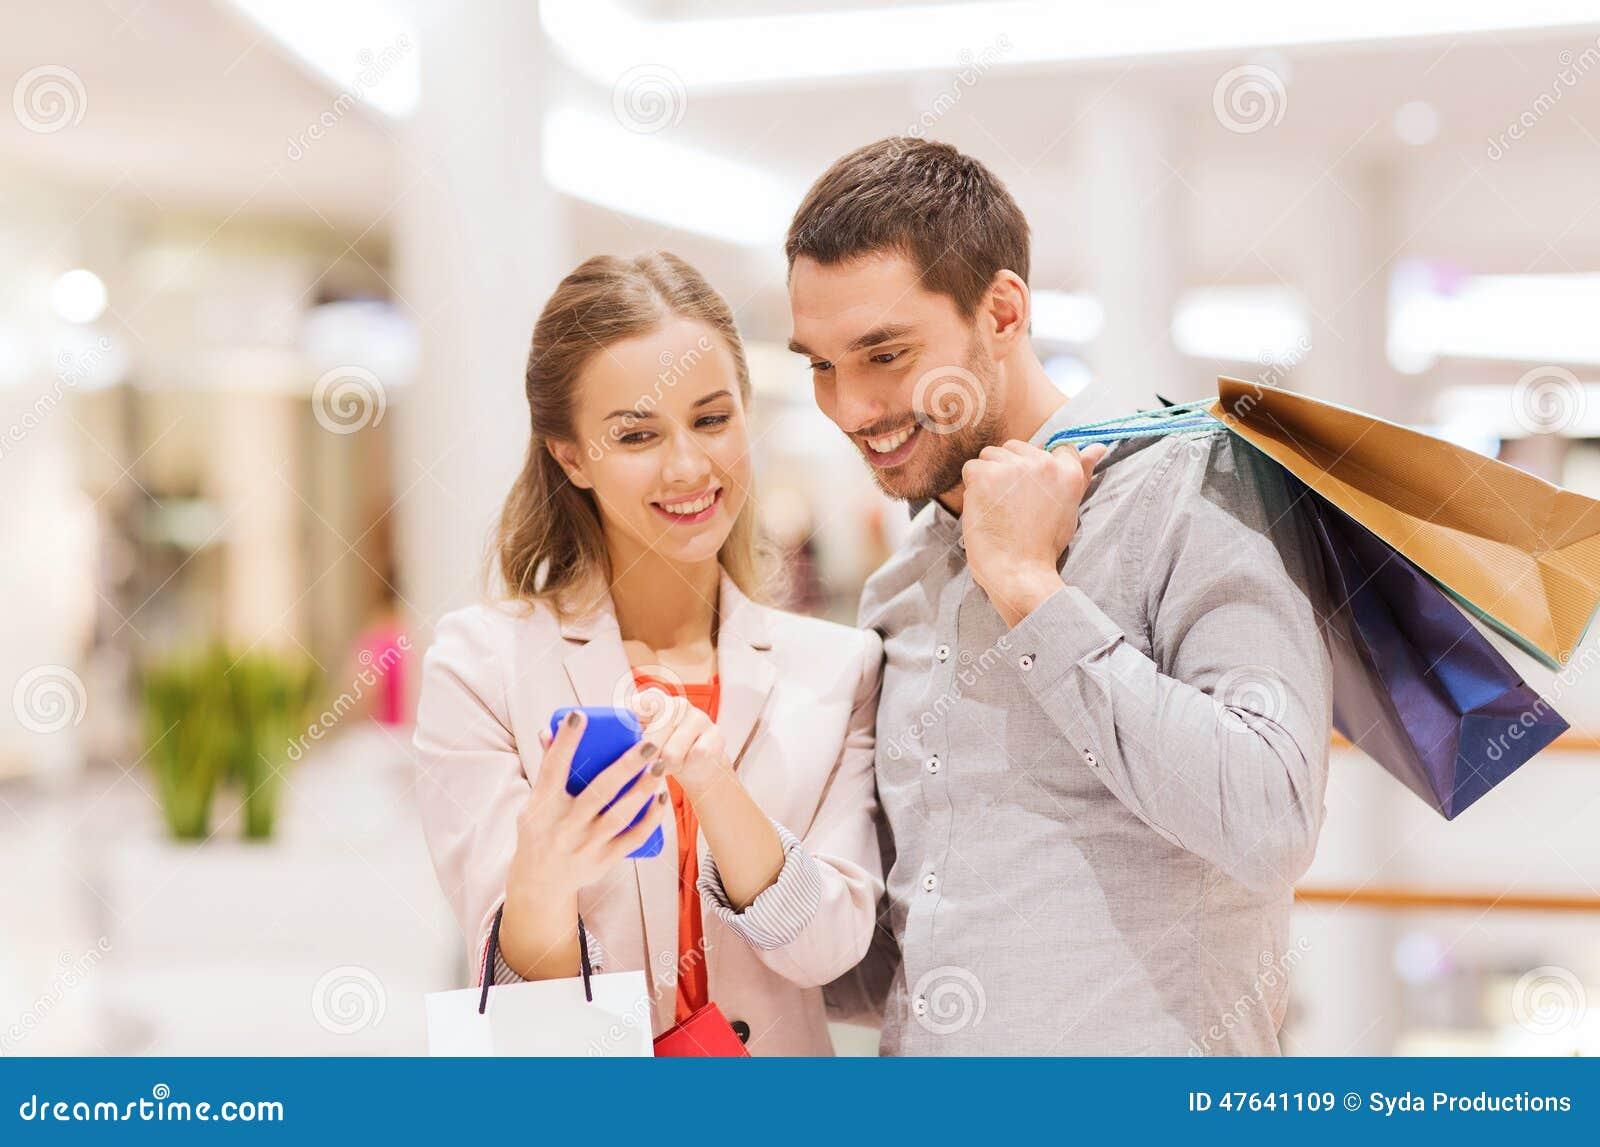 Paar met smartphone en het winkelen zakken in wandelgalerij